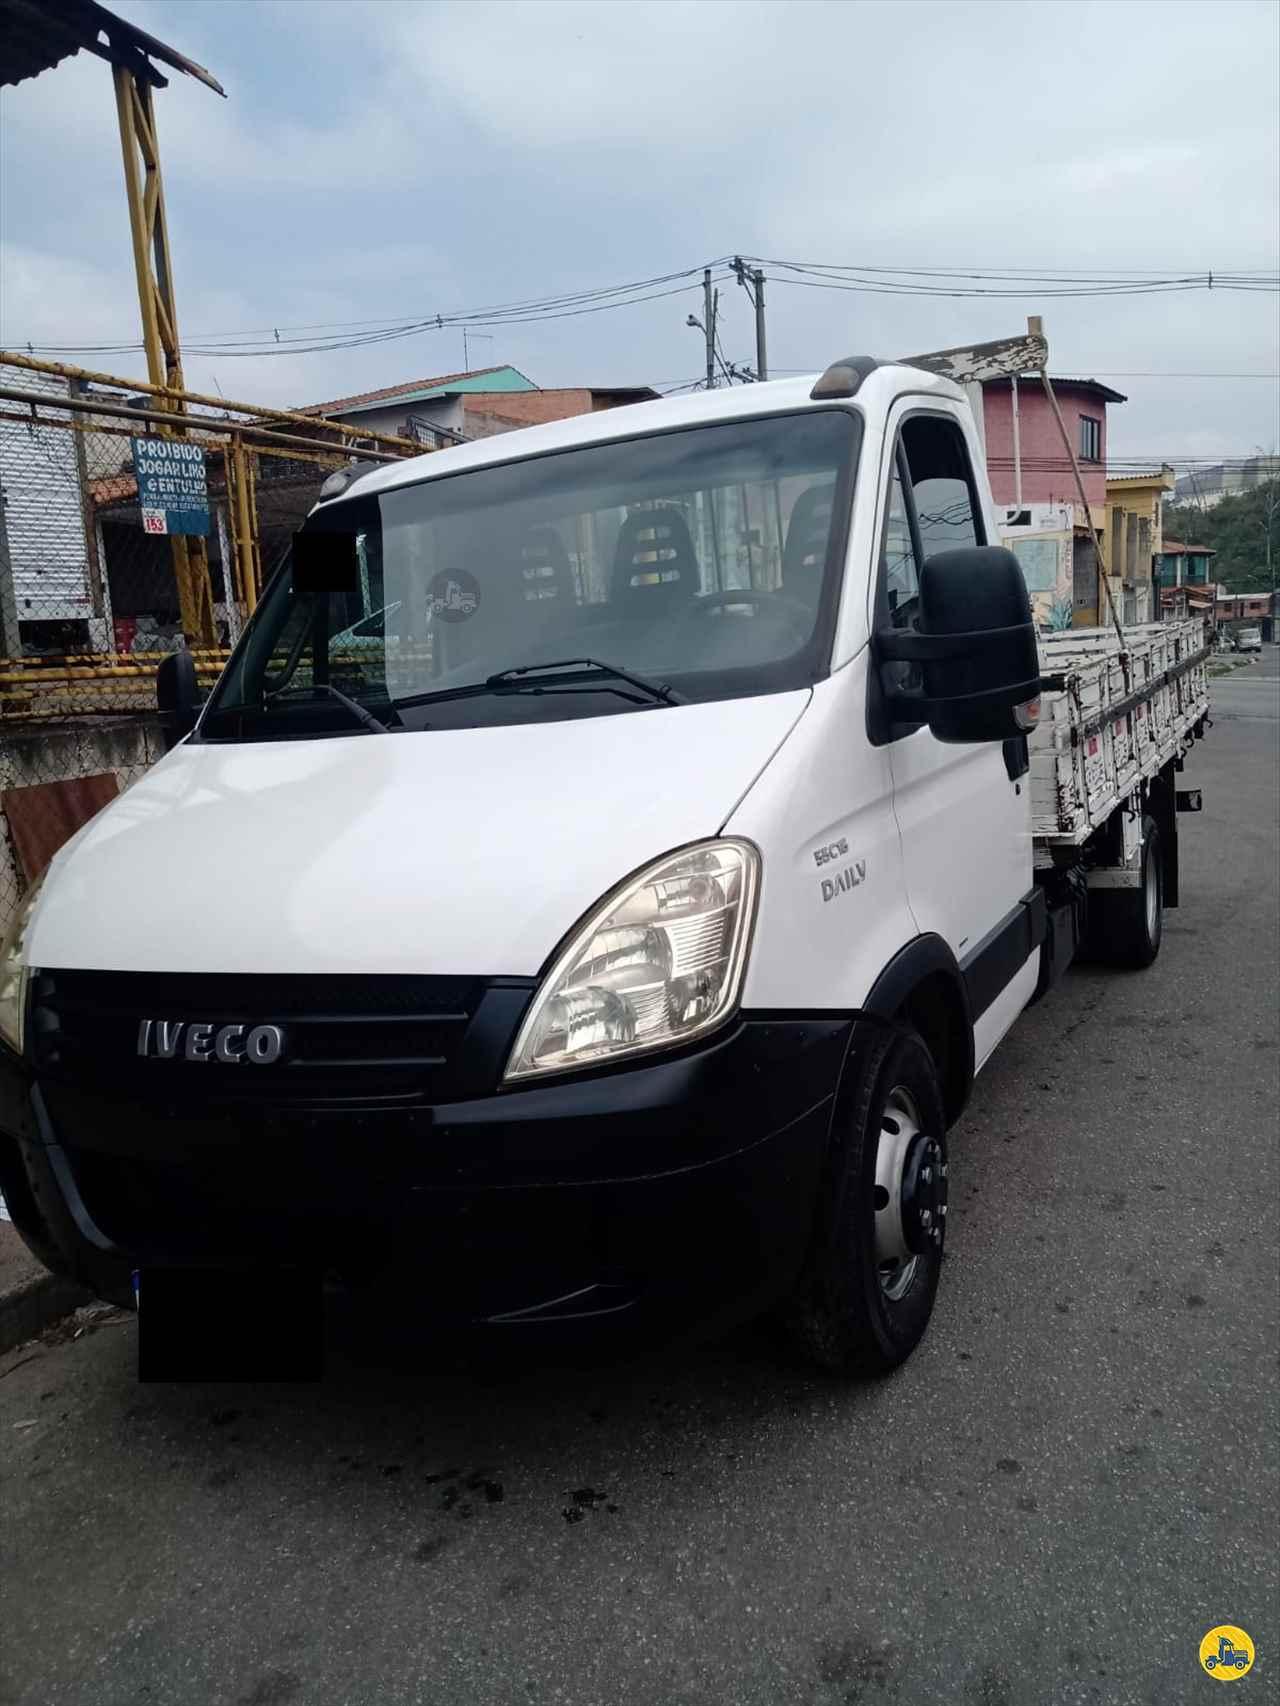 CAMINHAO IVECO DAILY 55c16 Carga Seca Toco 4x2 Wilson Caminhões RIBEIRAO PIRES SÃO PAULO SP